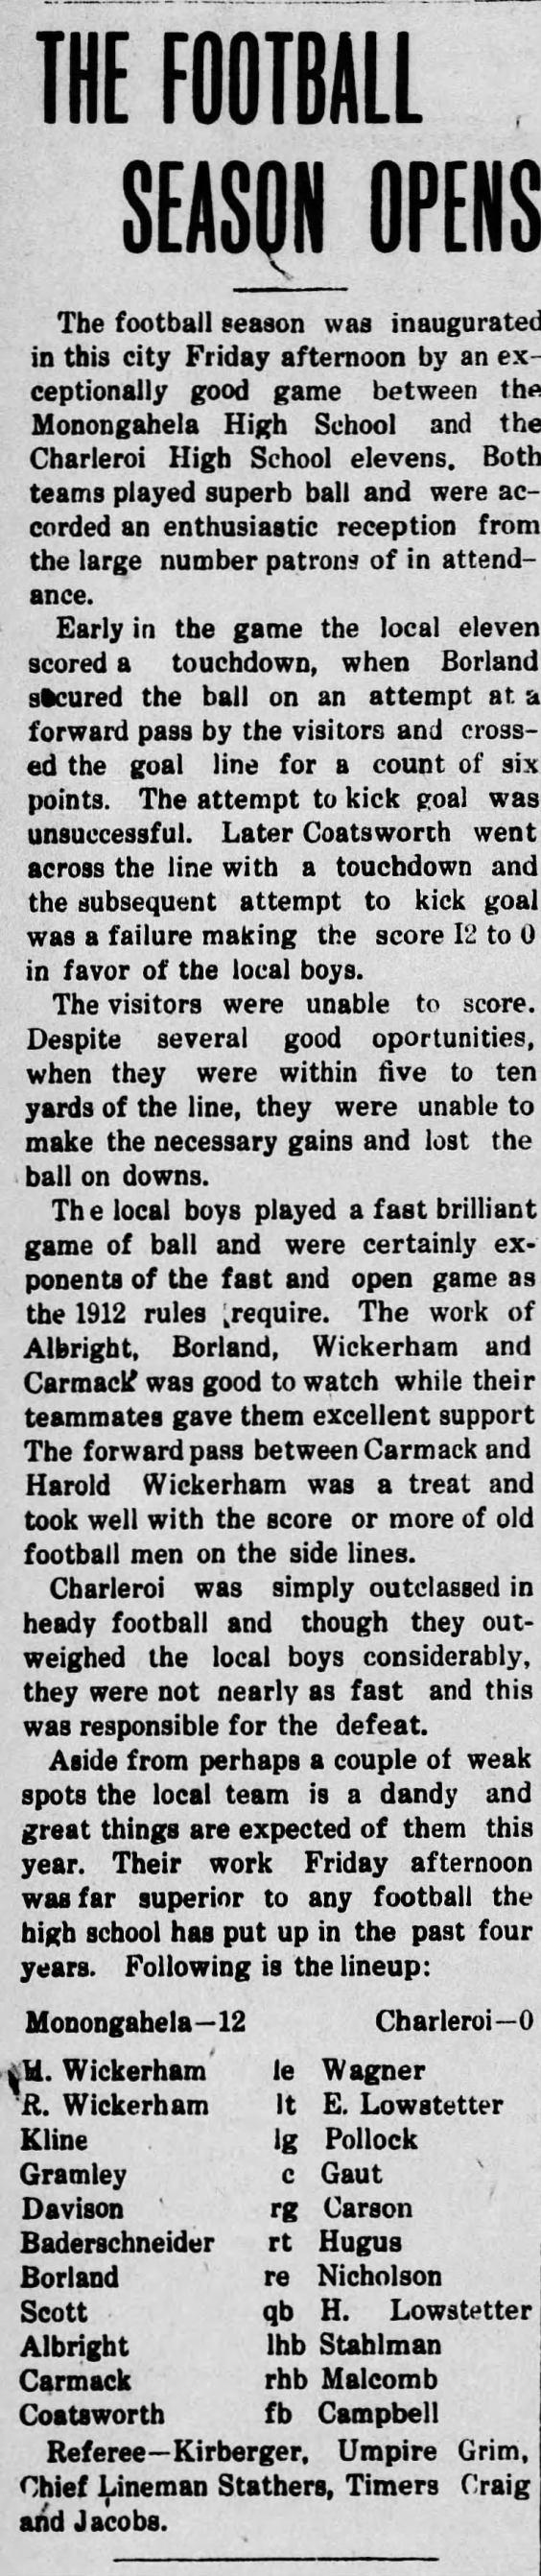 Monongahela_High_school_football_team_1912